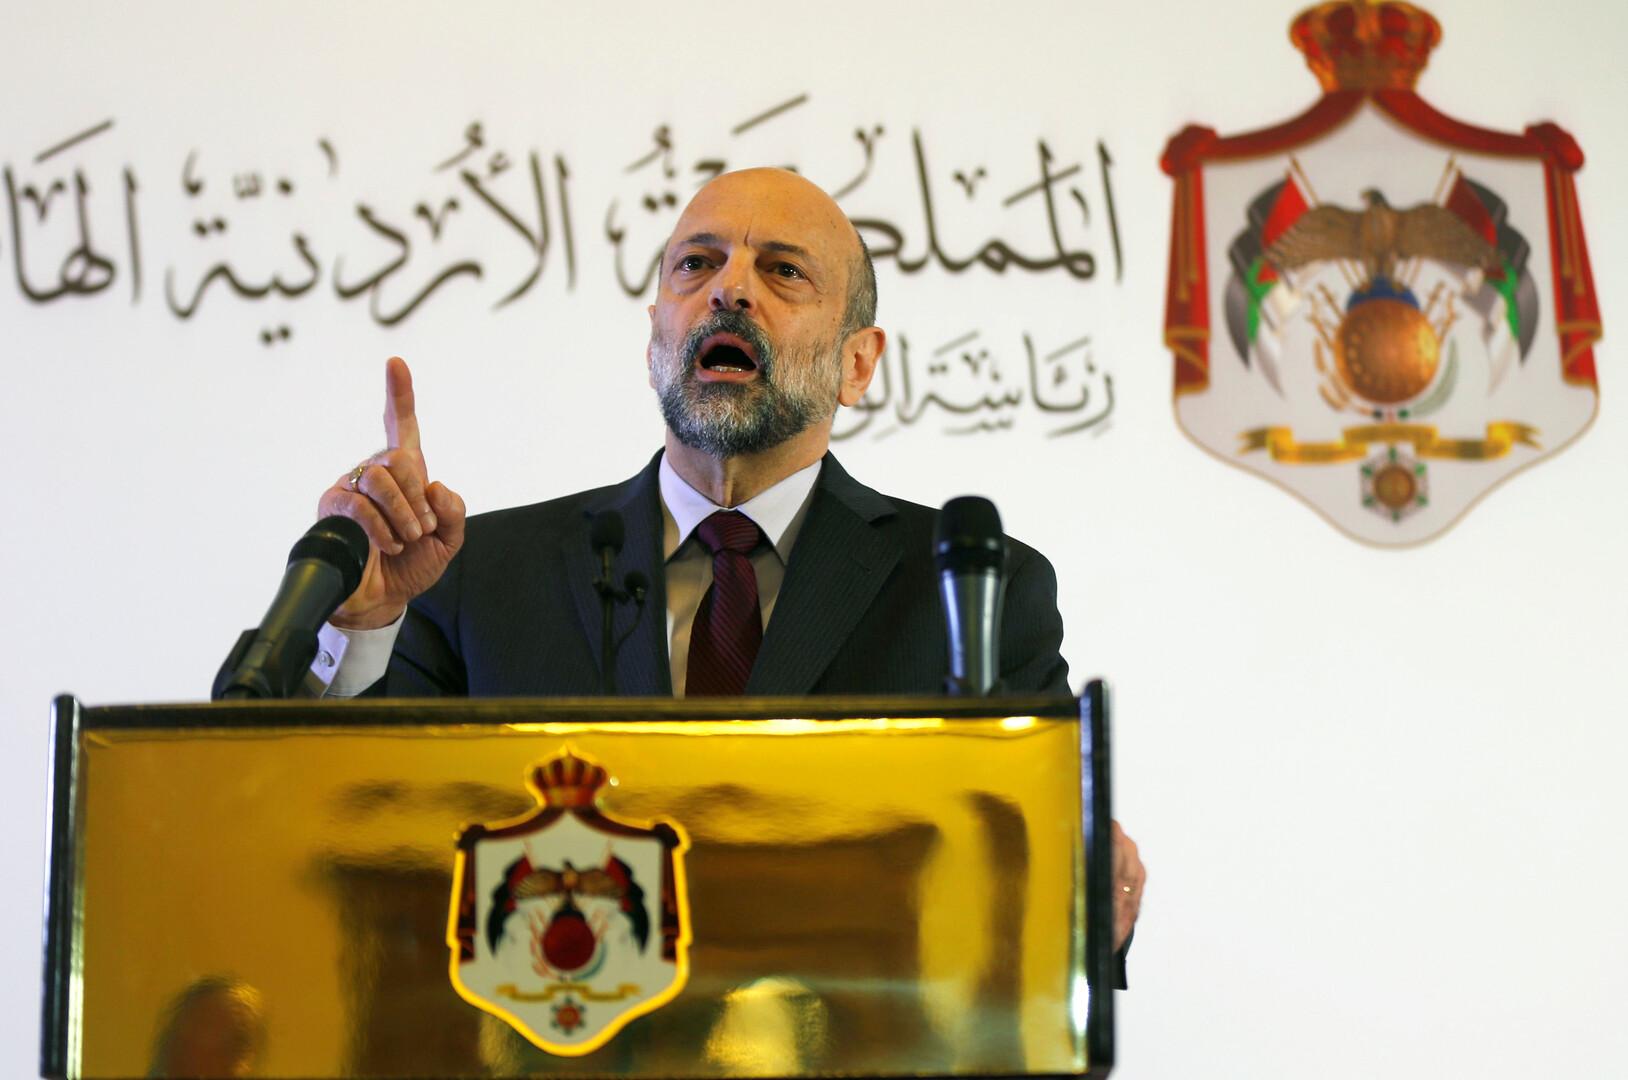 الحكومة الأردنية: لا تراجع عن ربط الزيادة للمعلمين بمستوى أدائهم